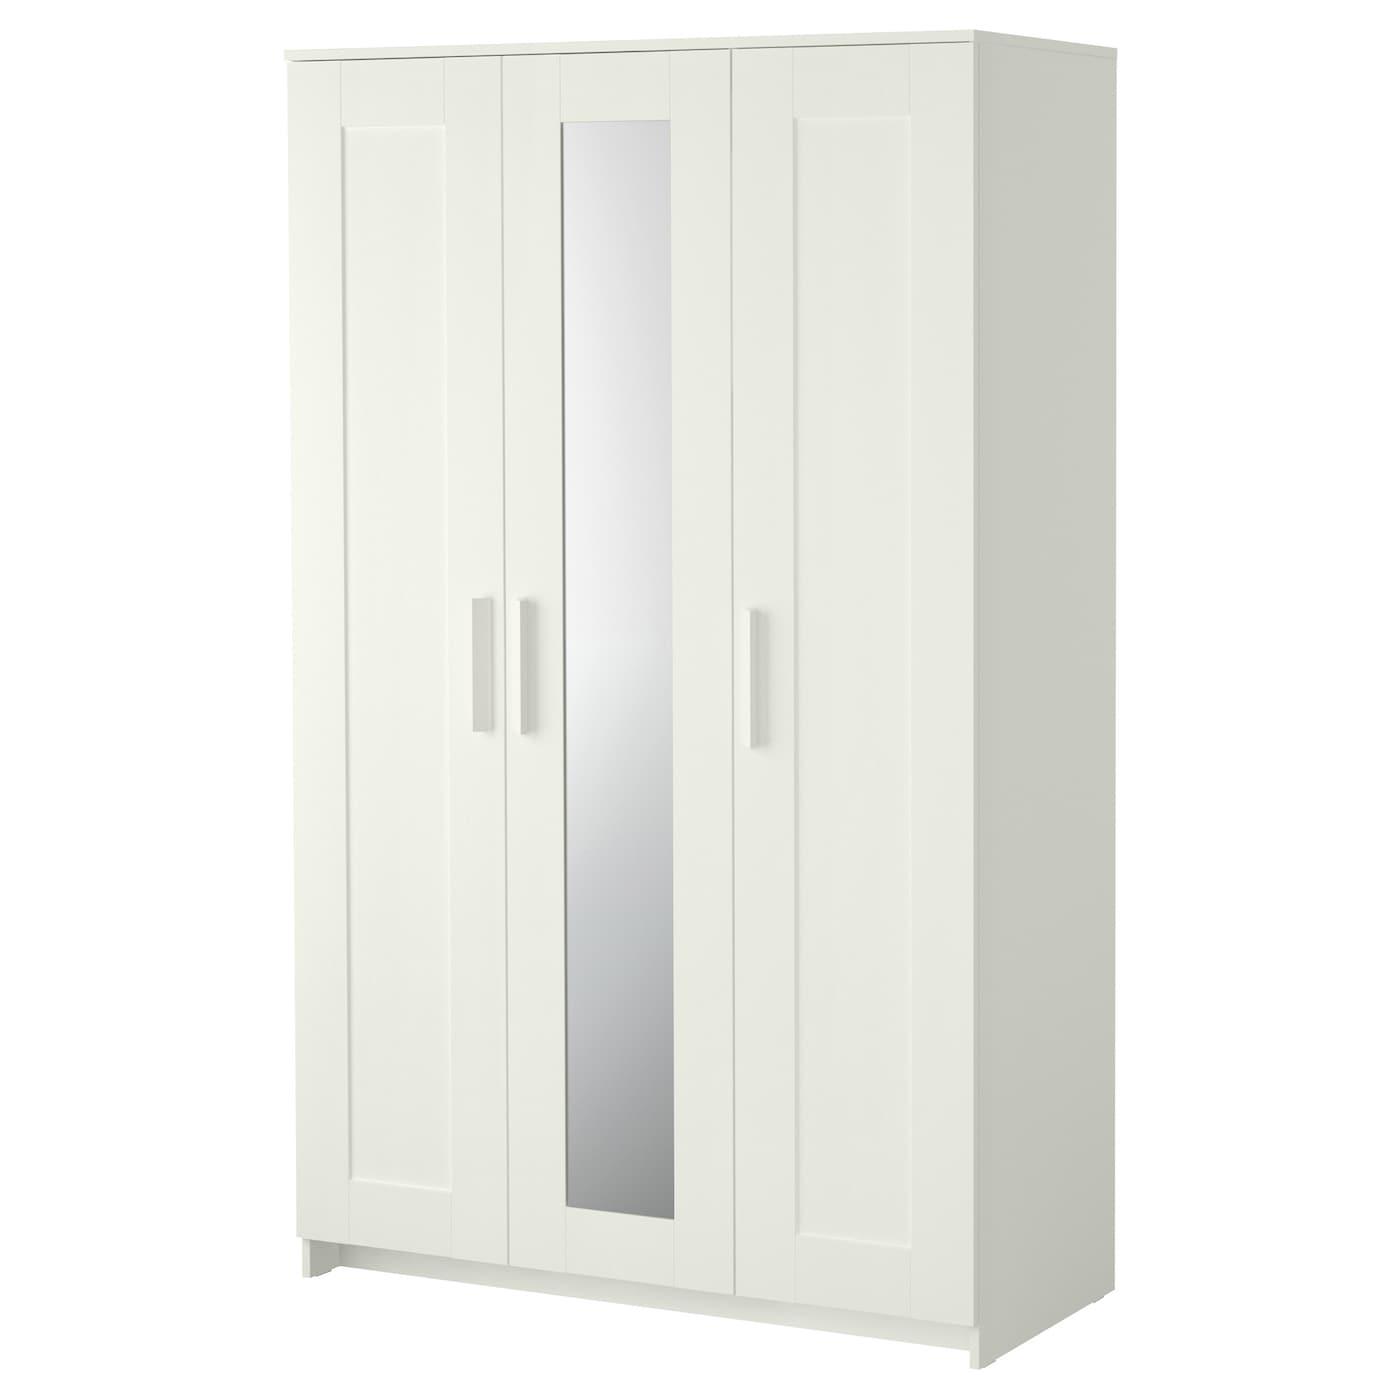 BRIMNES Guardaroba a 3 ante - bianco - IKEA